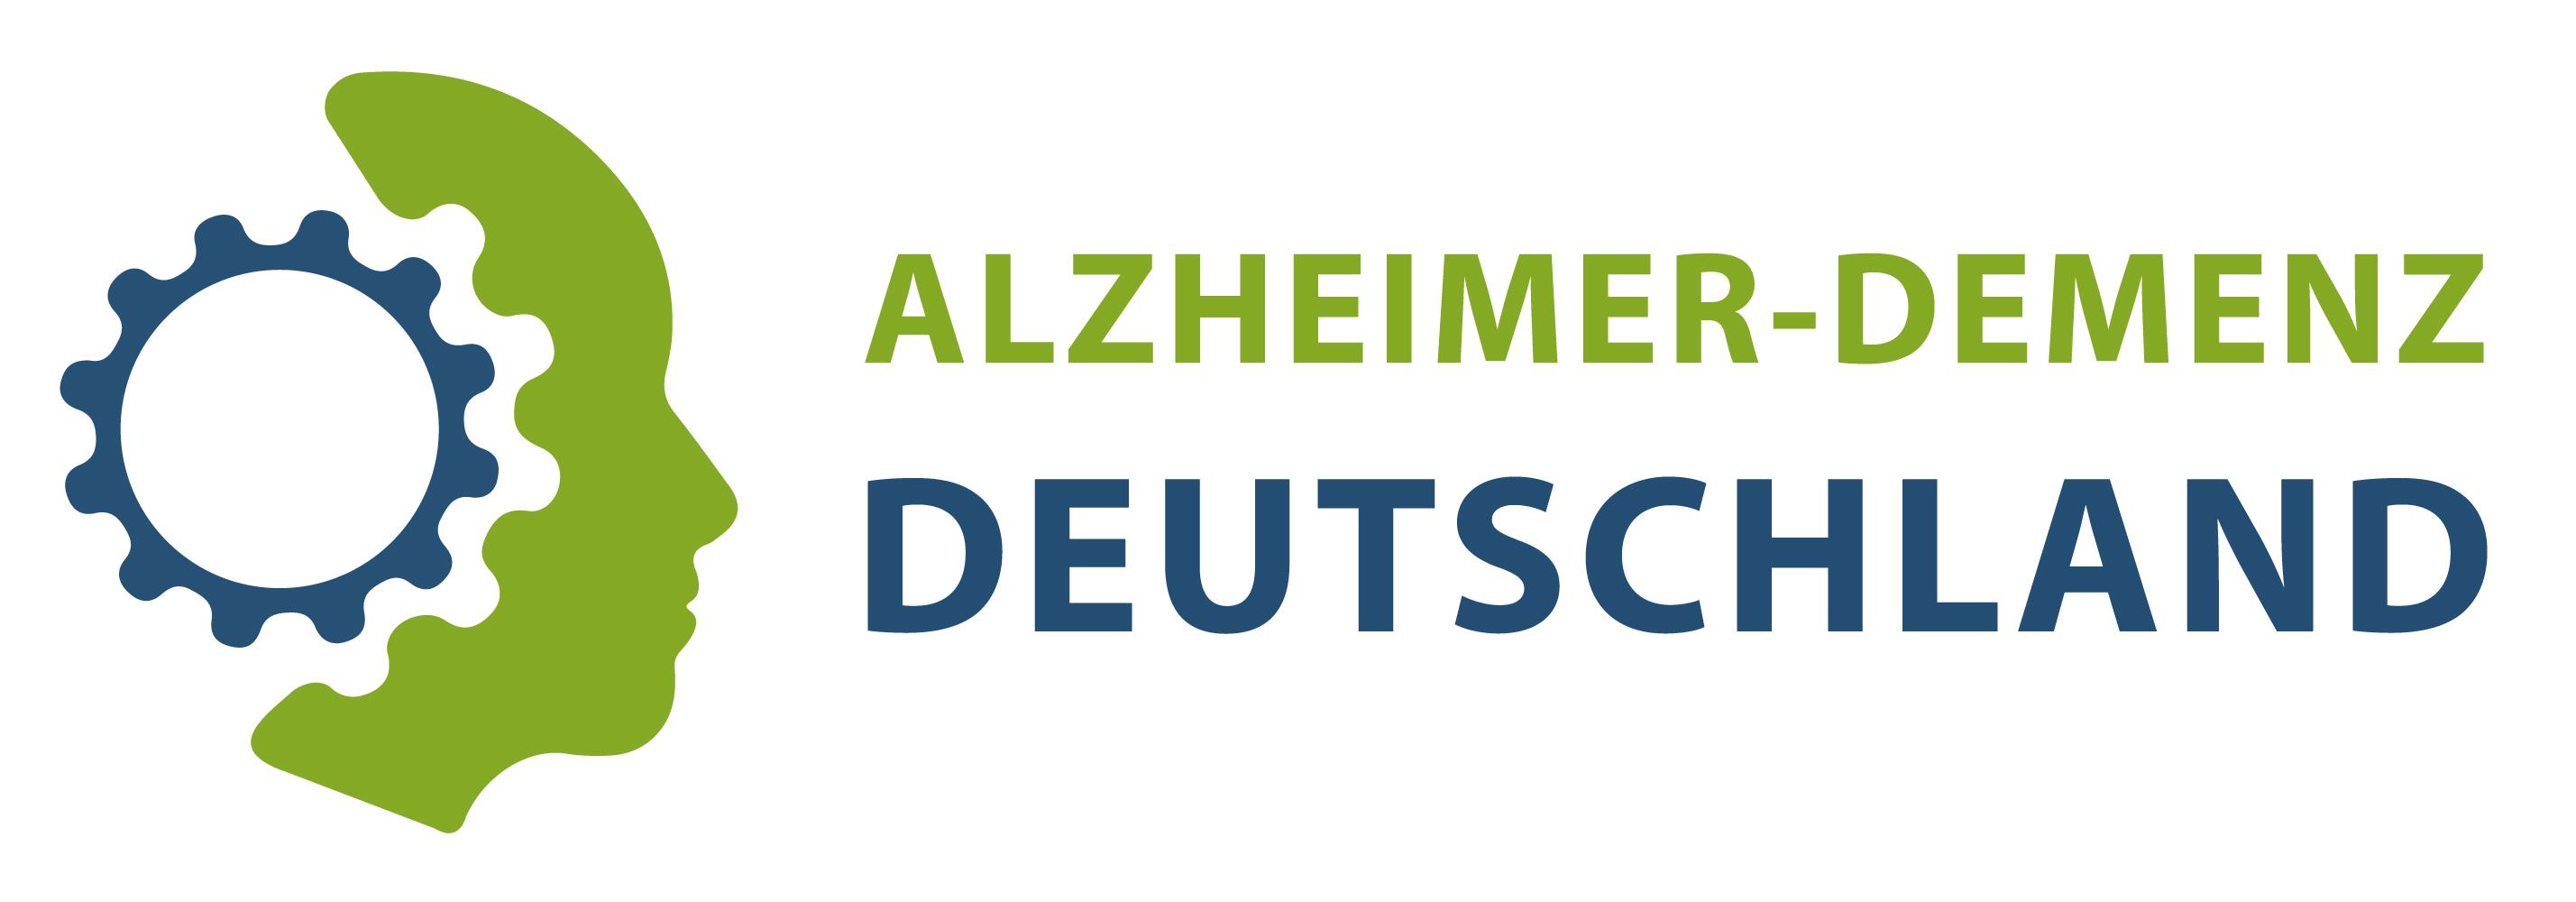 Demenz und Parkinson behandeln mit der Transkraniellen Pulsstimulation (TPS)